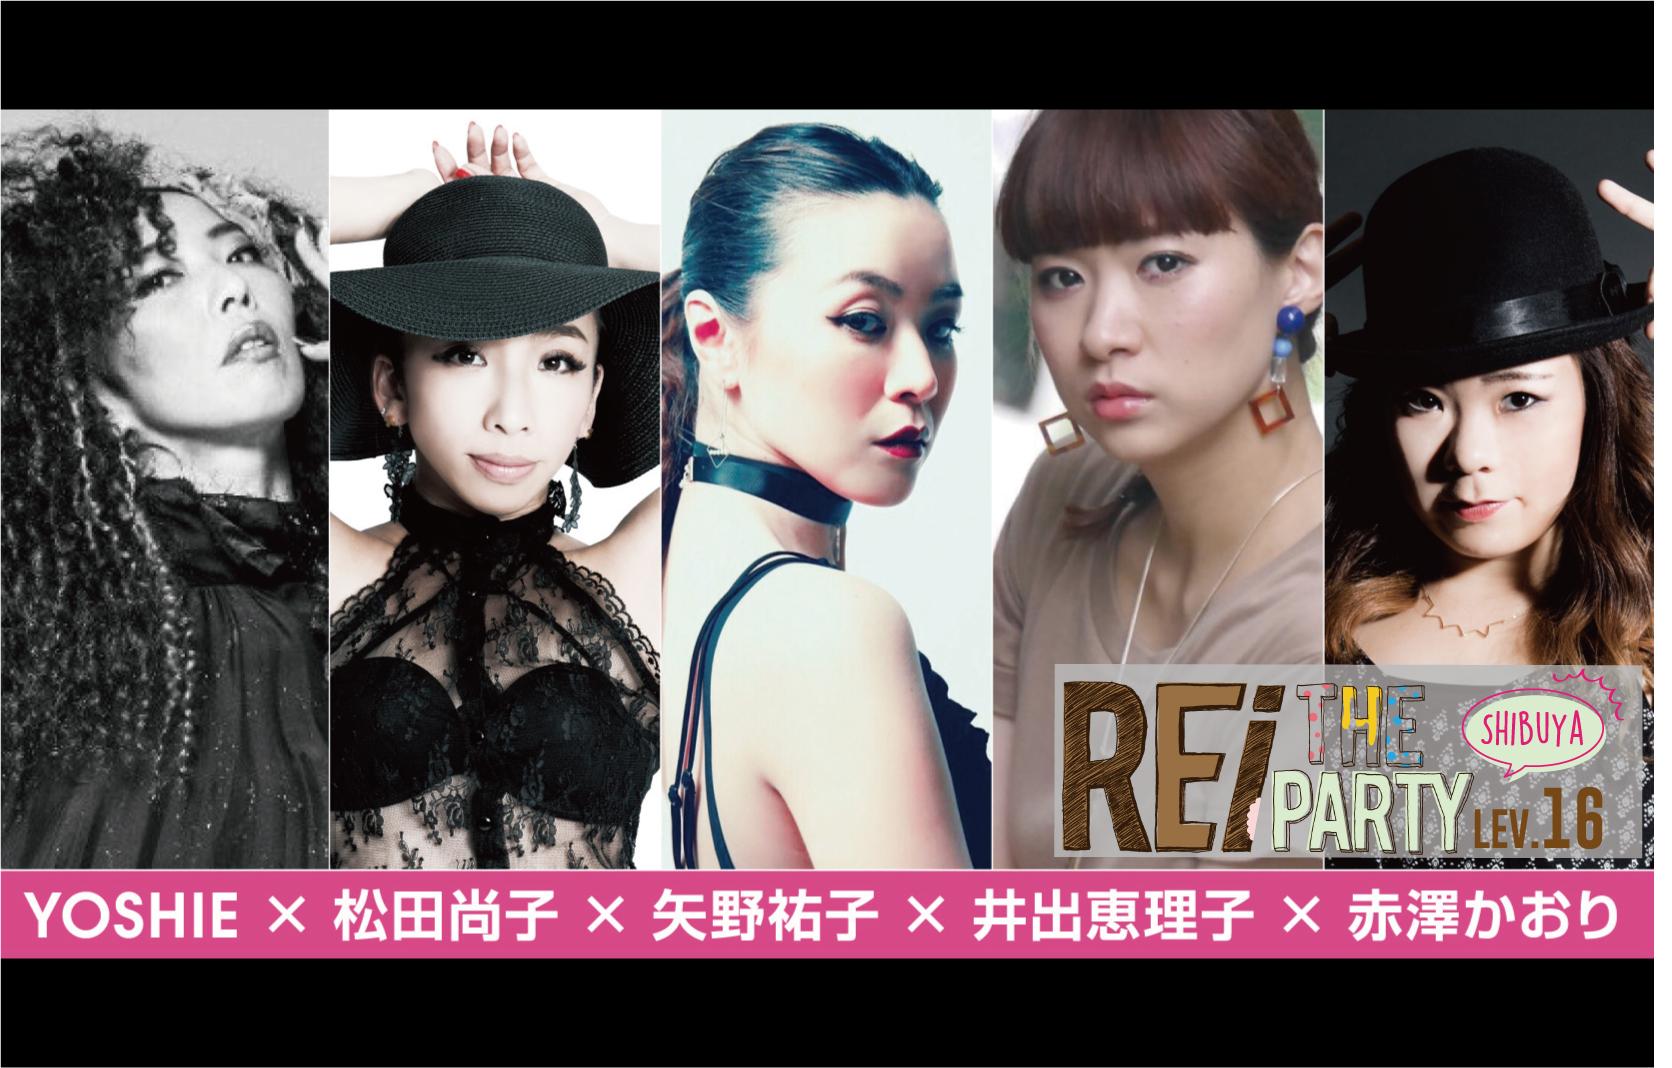 2月11日開催!!Rei The Party lev.16の第1弾ゲストが発表!!